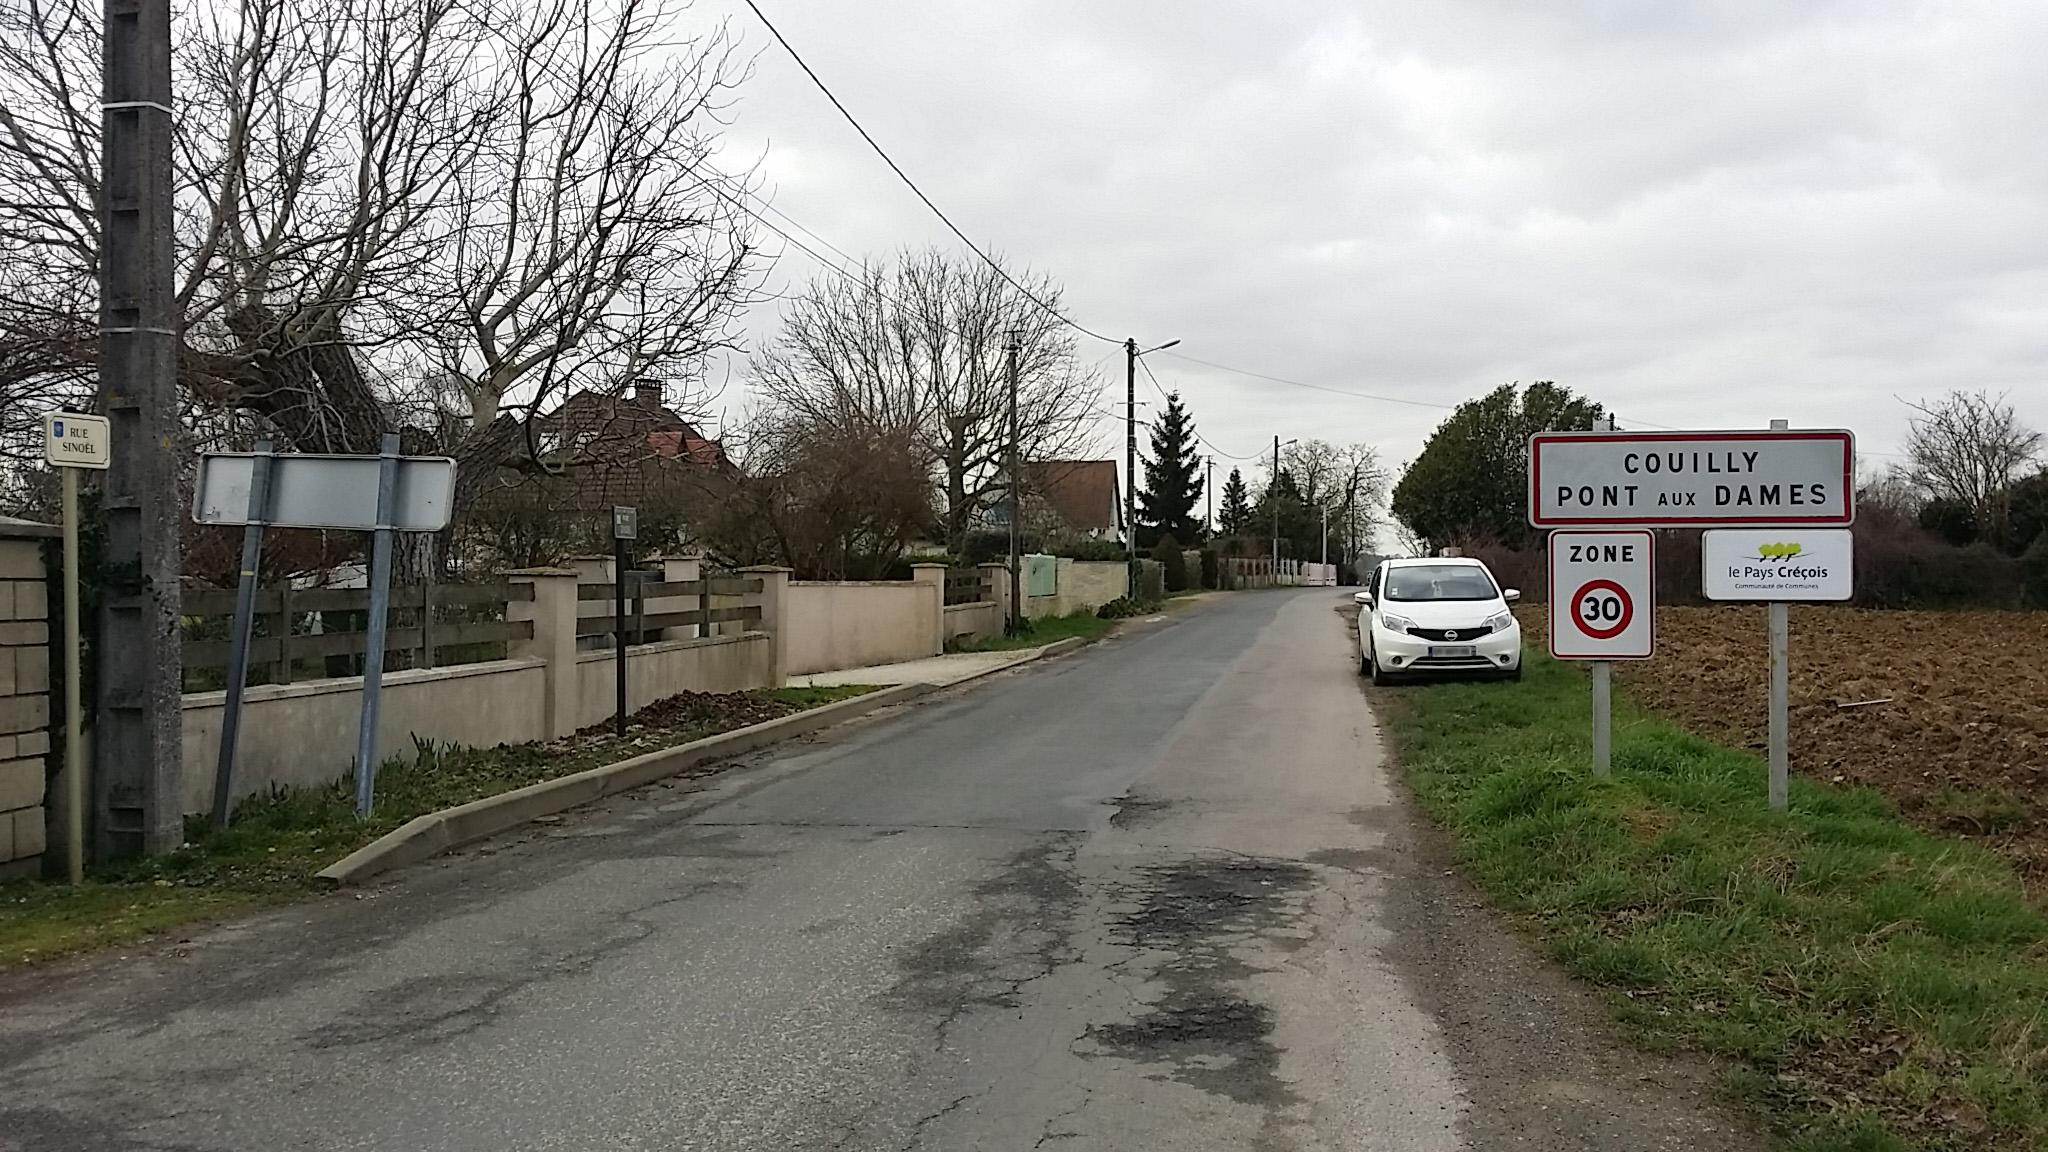 Entrée Couilly début zone 30km/h